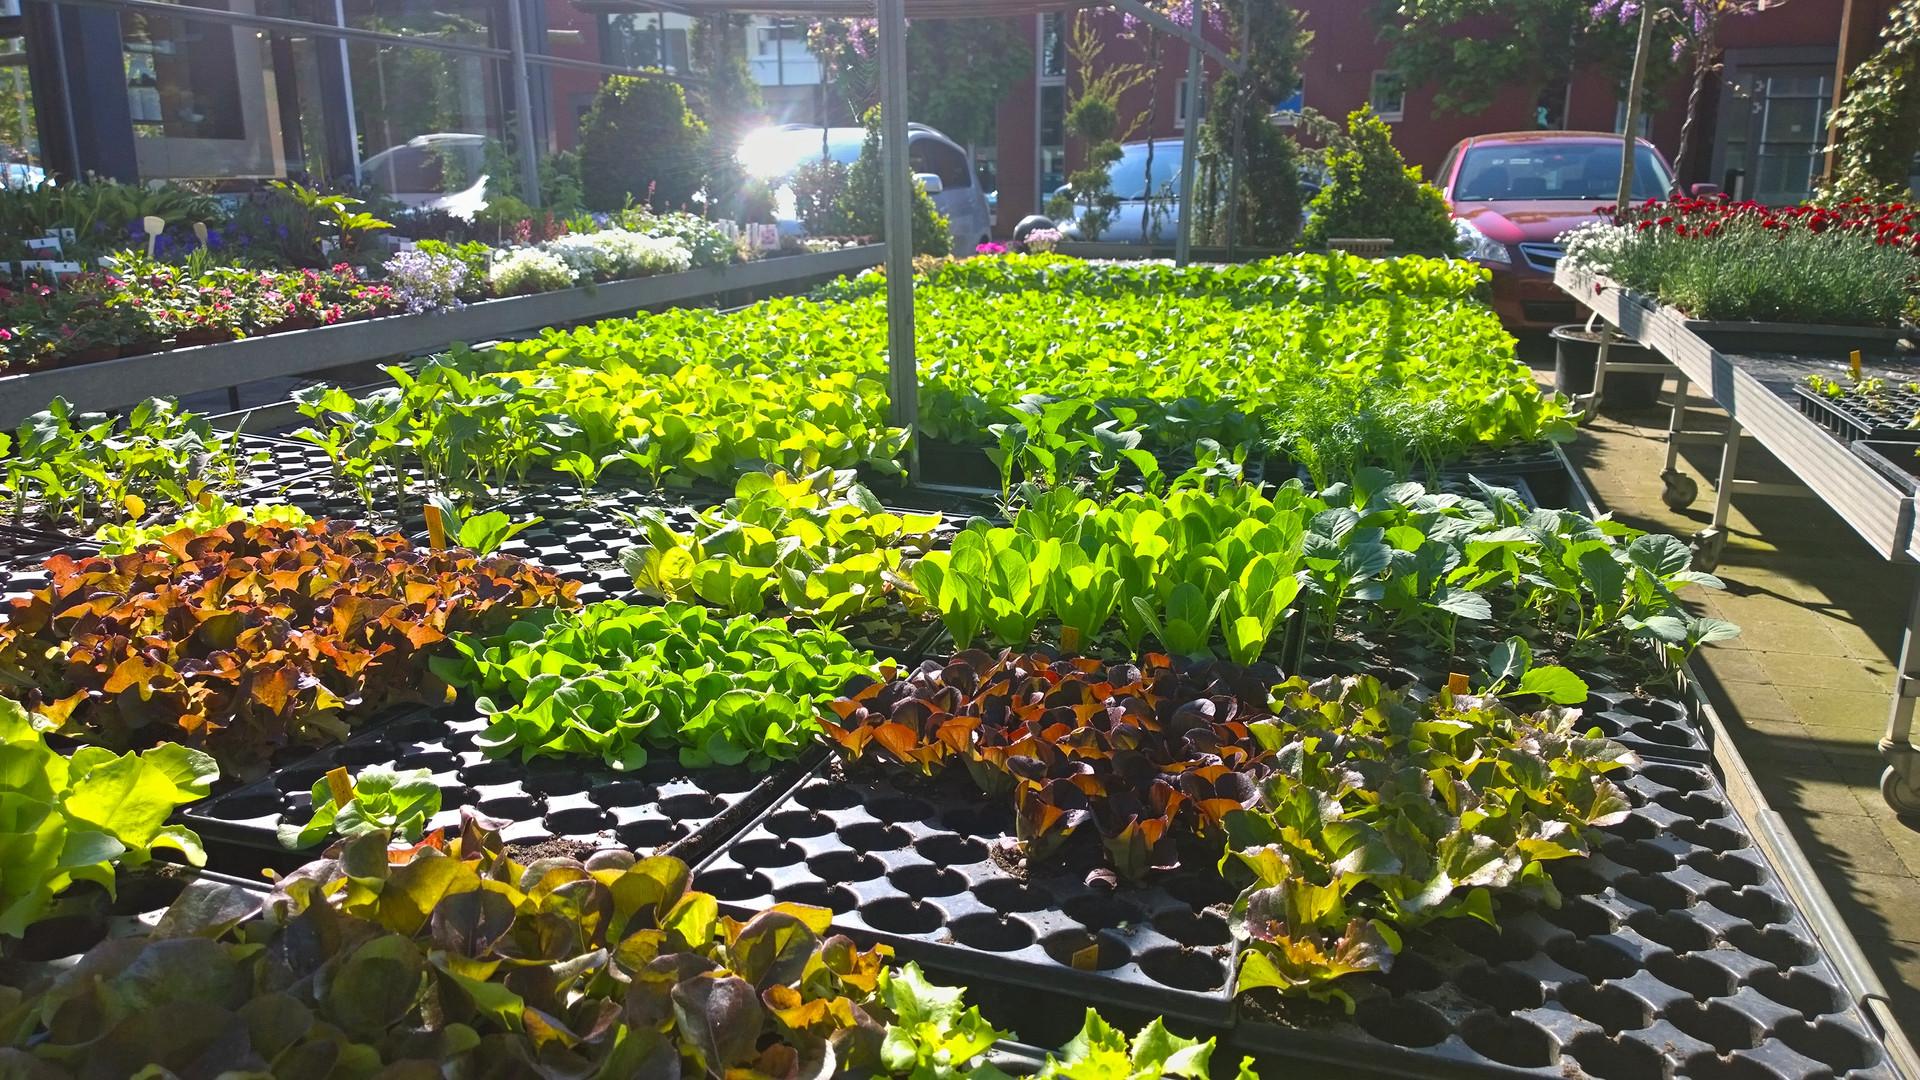 Gemüsesetzlinge.jpg